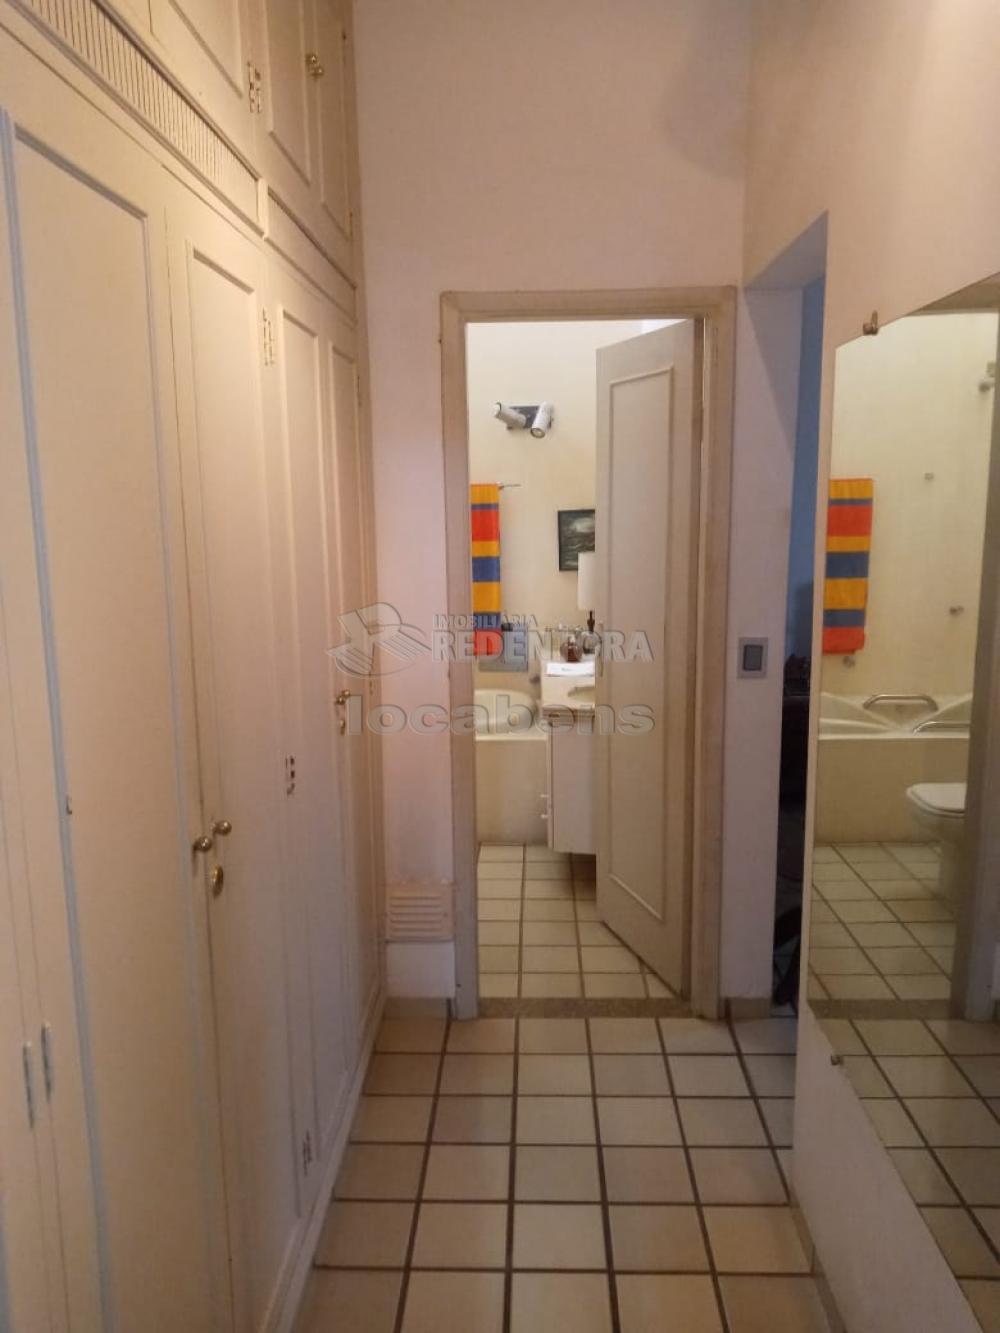 Comprar Casa / Padrão em São José do Rio Preto R$ 700.000,00 - Foto 24